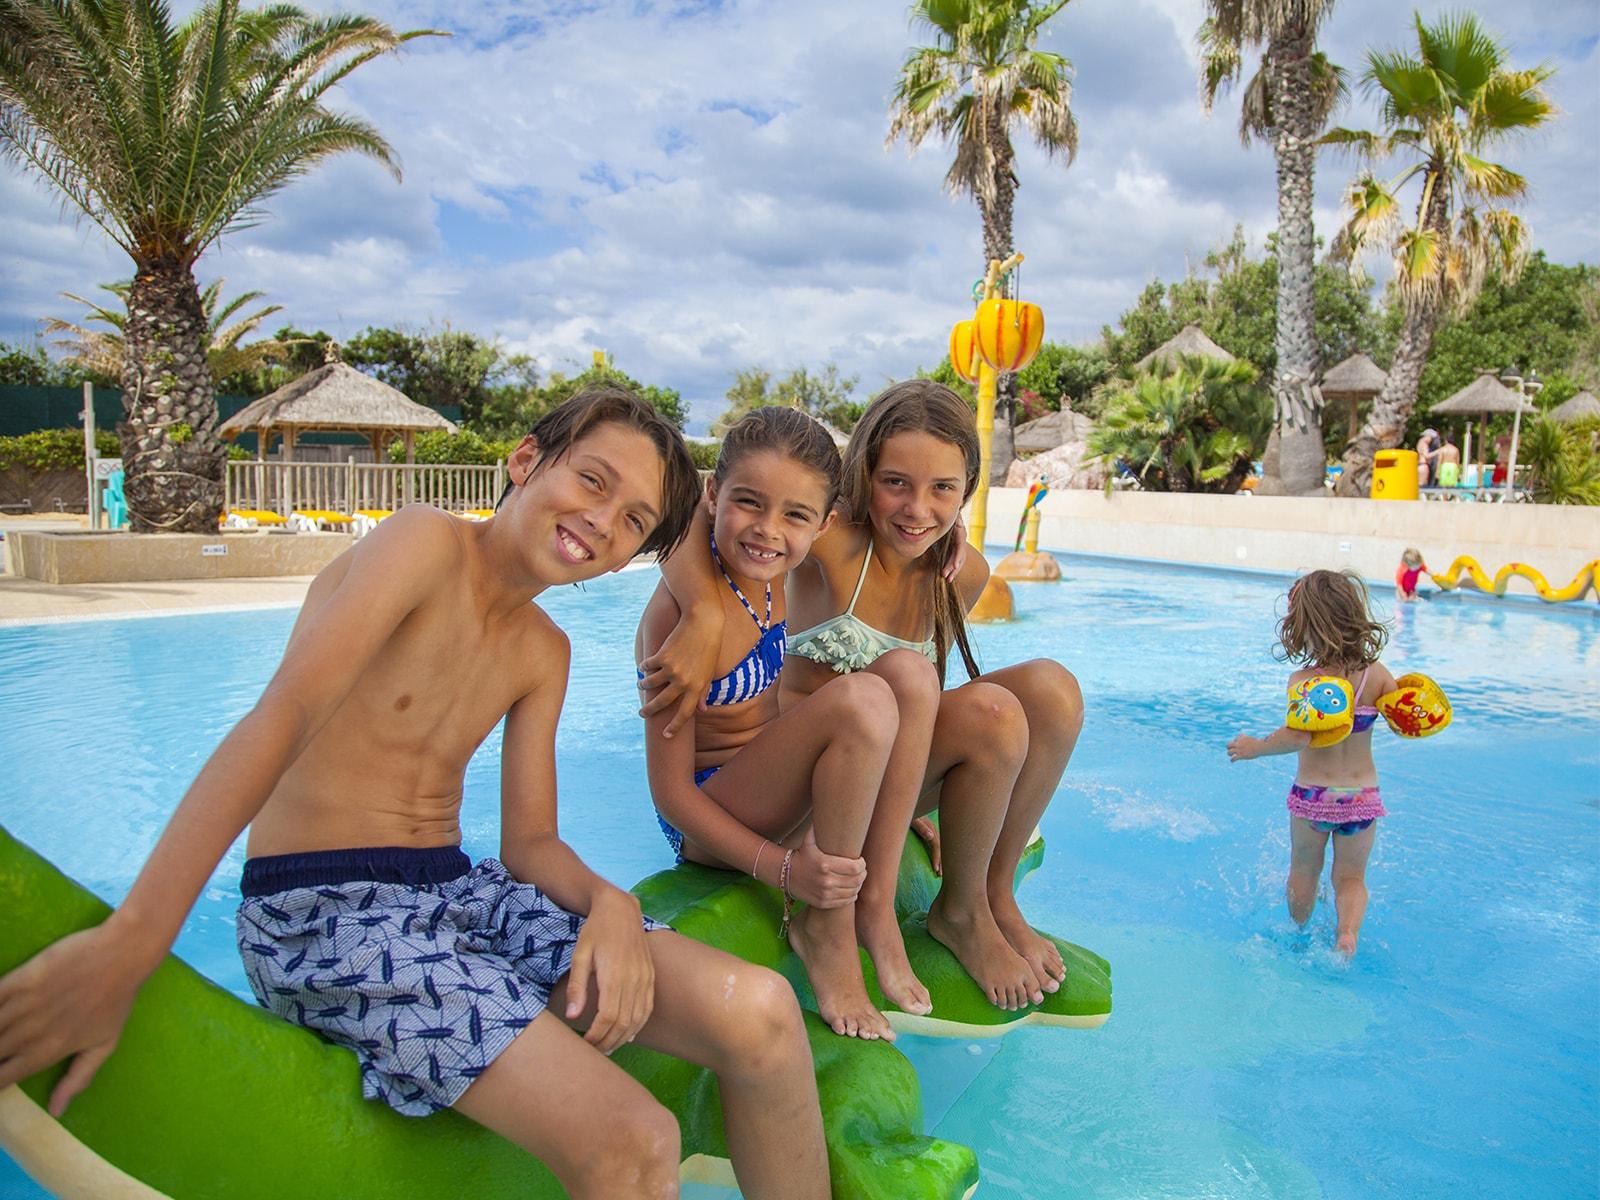 enfants posant sur jeux aquatiques crocodile dans pateaugoire